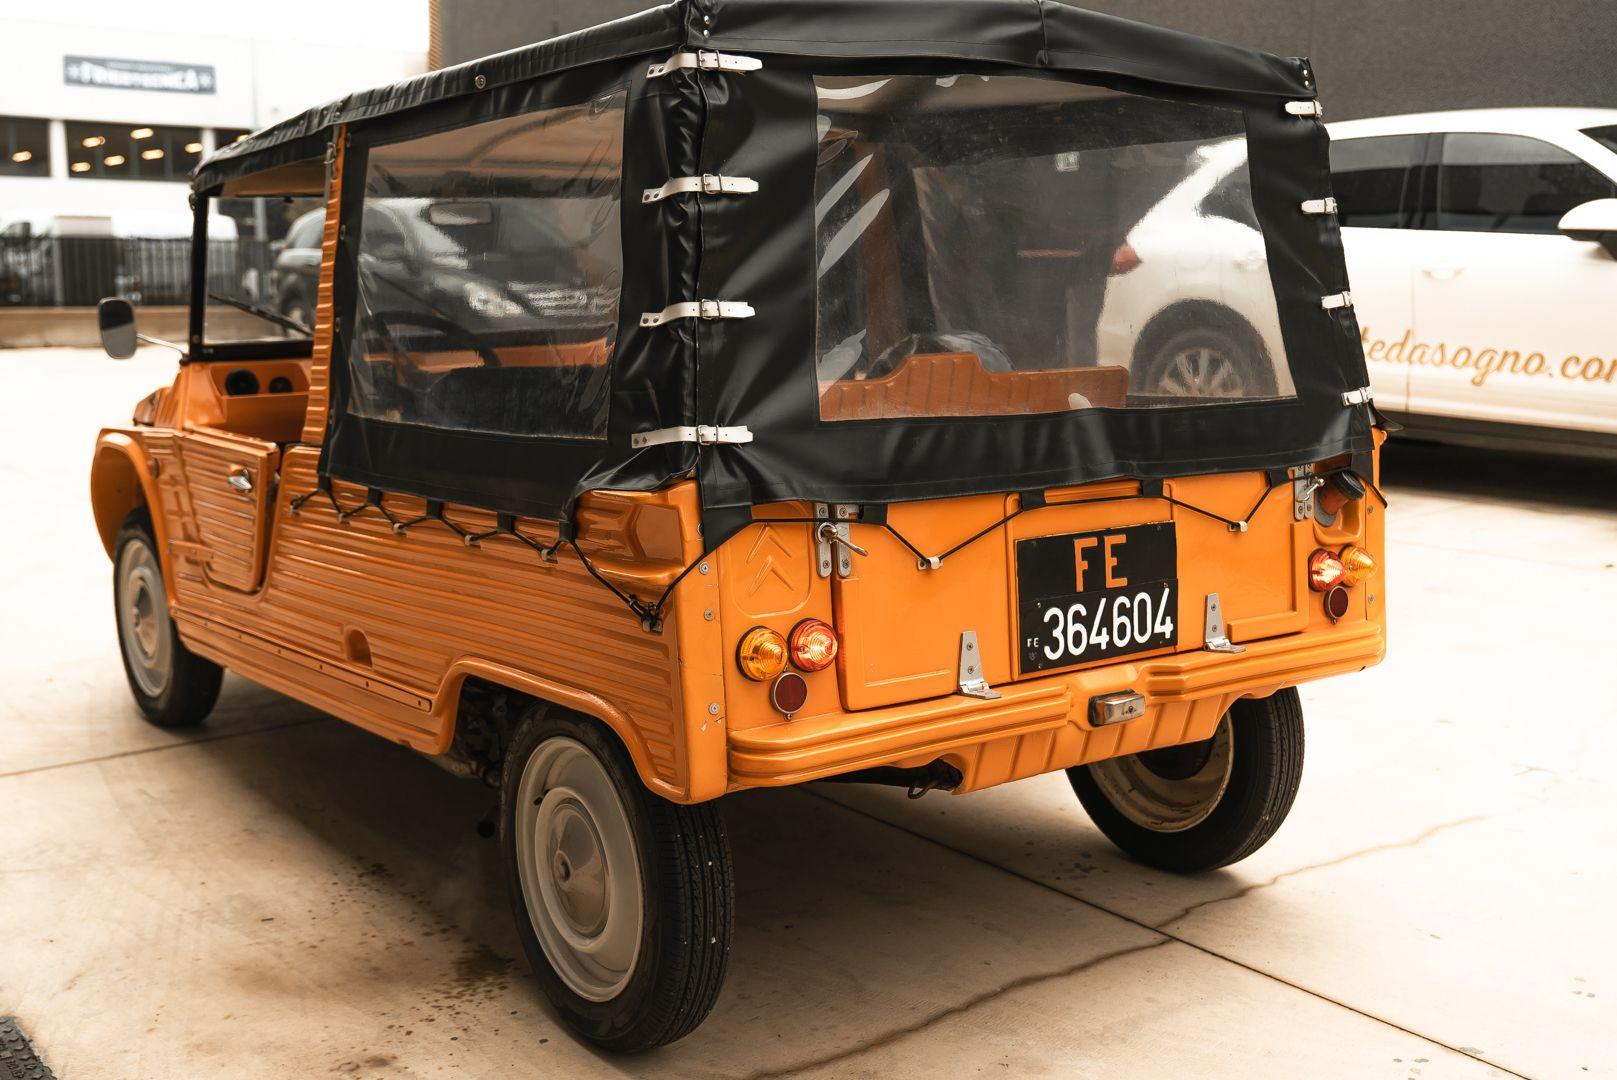 1976 Citroen Mehari 85164